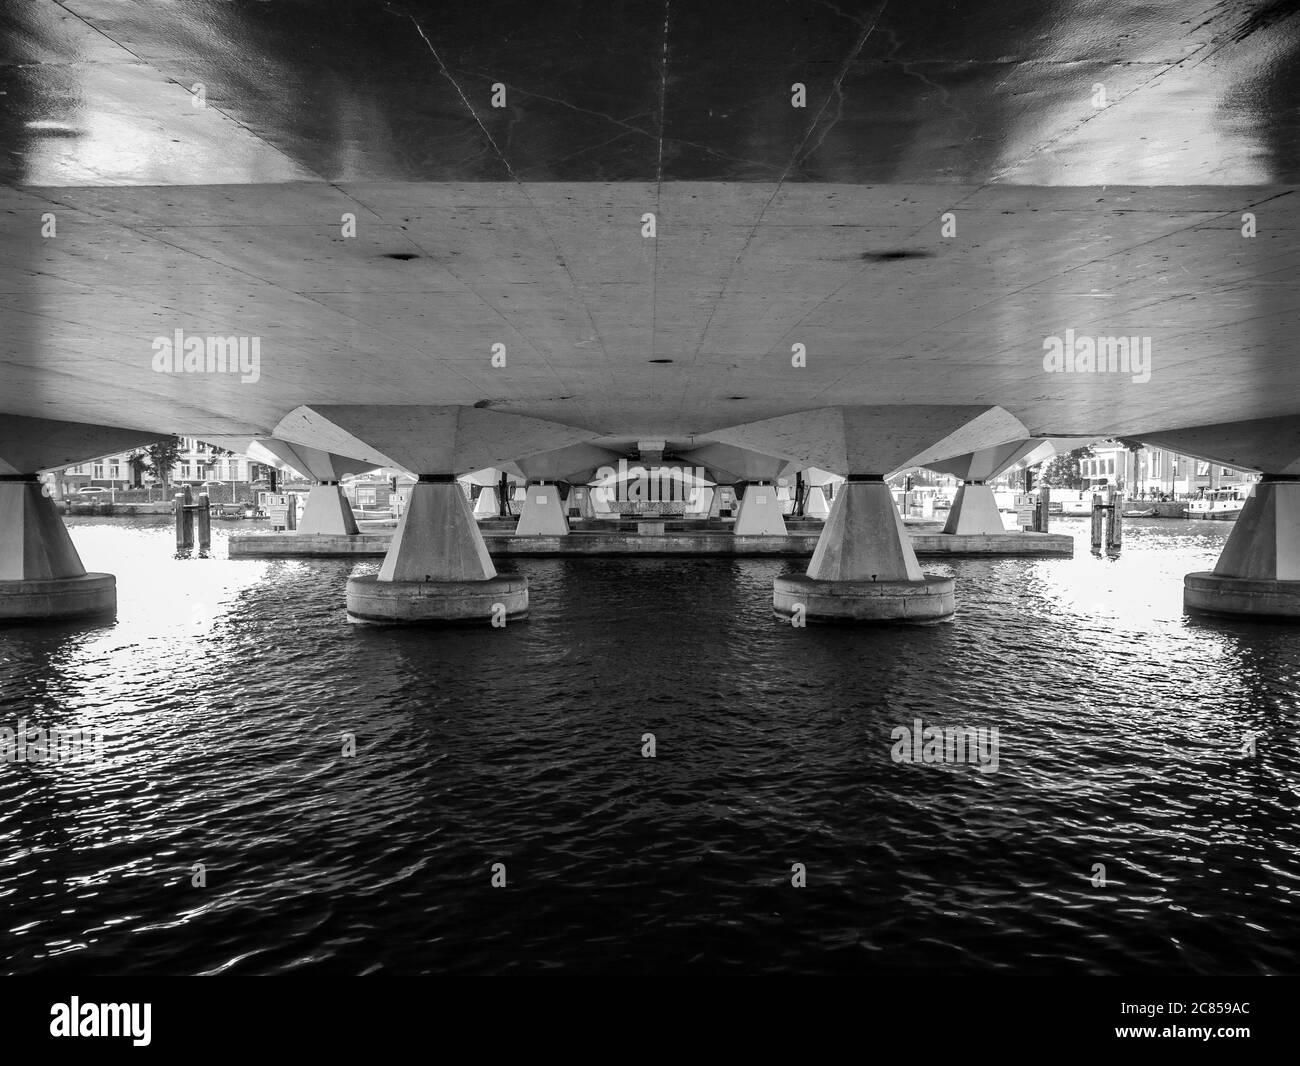 Una imagen abstracta en blanco y negro de debajo de un puente sobre el río Amstel en Amsterdam Foto de stock